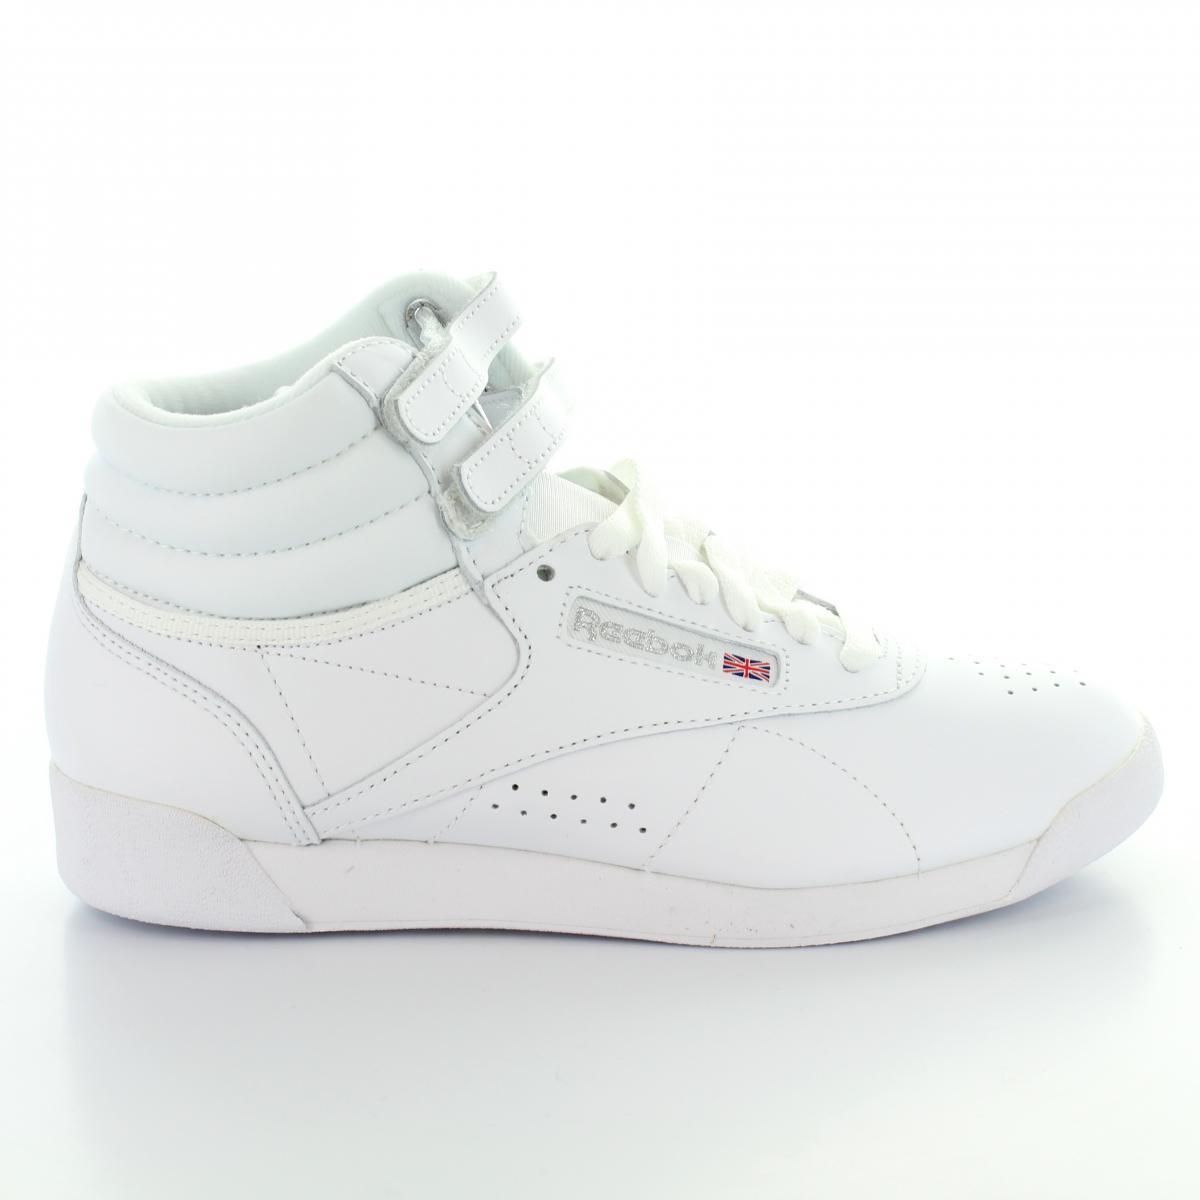 fbfb9dbf8c6ca ... Tenis para Mujer Reebok 2431 Color Blanco ...